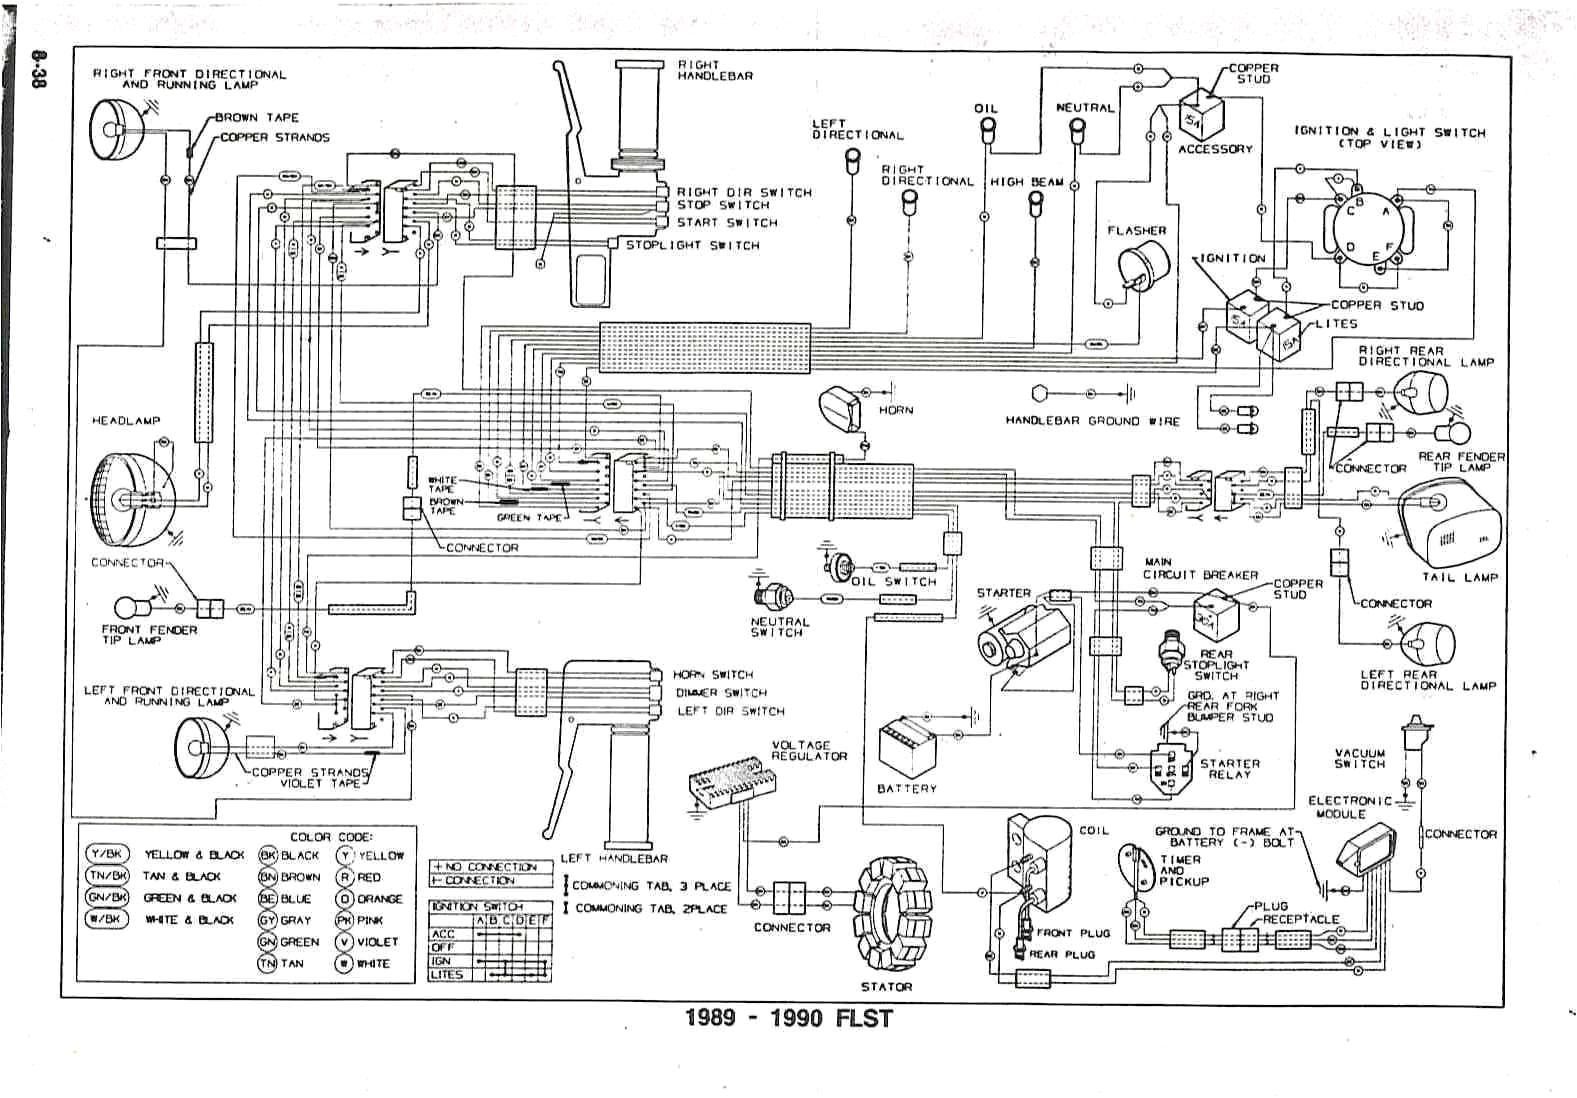 wiring diagram on vacuum diagram 2000 harley davidson sportster harley davidson vacuum diagram